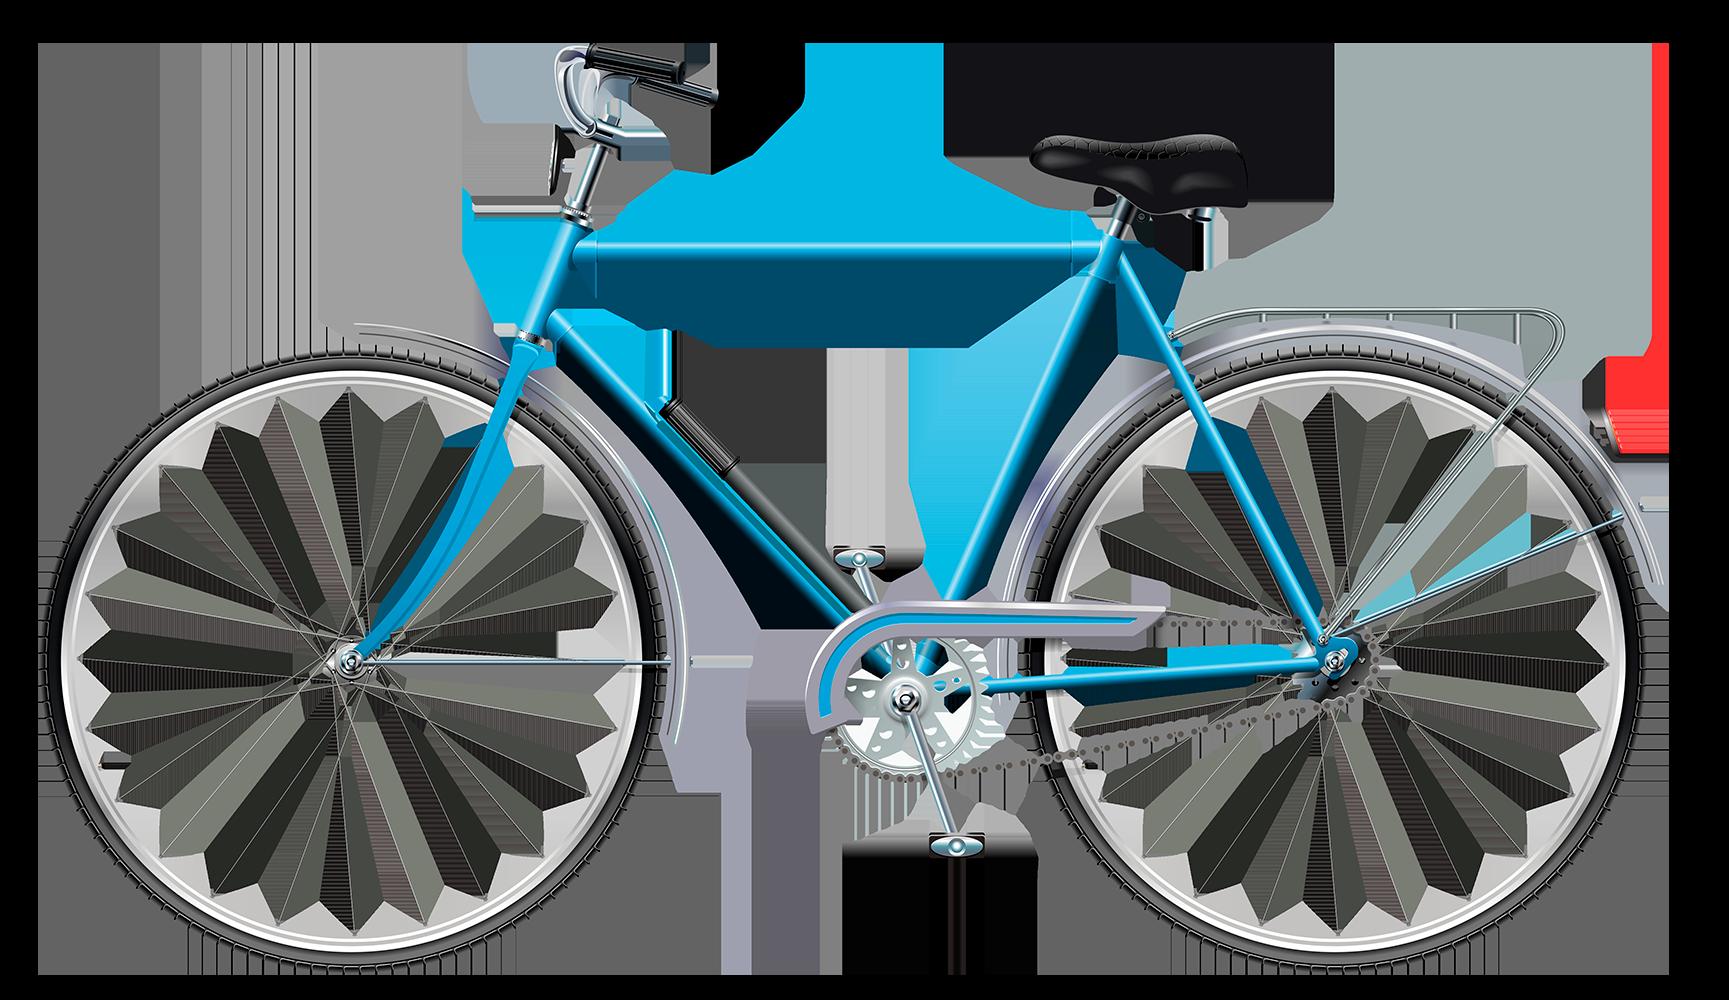 Велосипед на прозрачном фоне - транспорт, велосипед